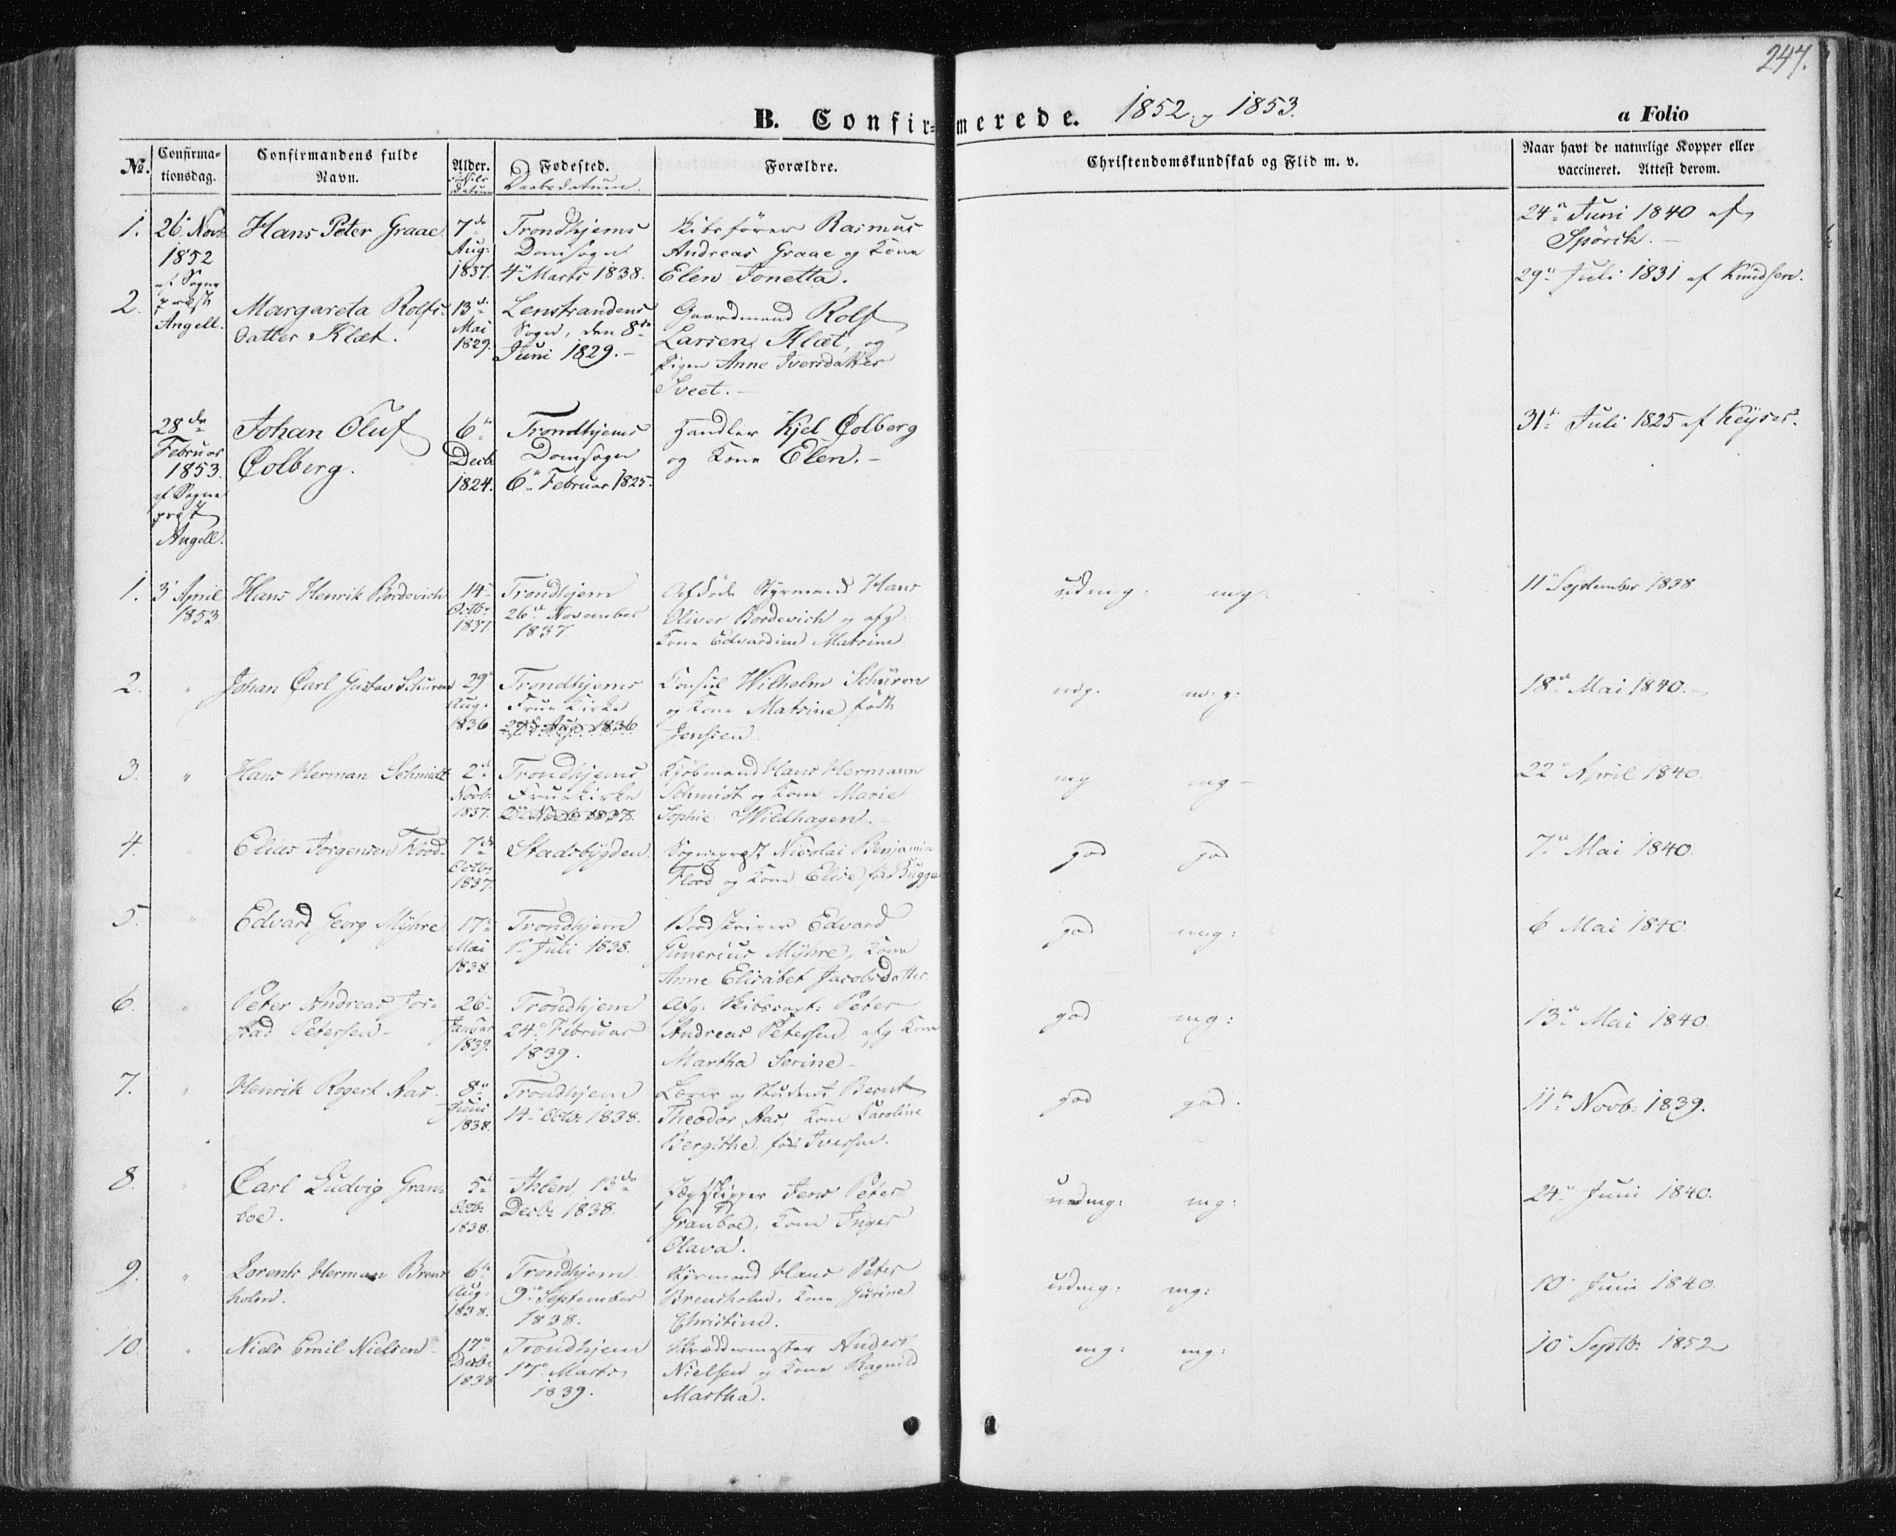 SAT, Ministerialprotokoller, klokkerbøker og fødselsregistre - Sør-Trøndelag, 602/L0112: Ministerialbok nr. 602A10, 1848-1859, s. 247